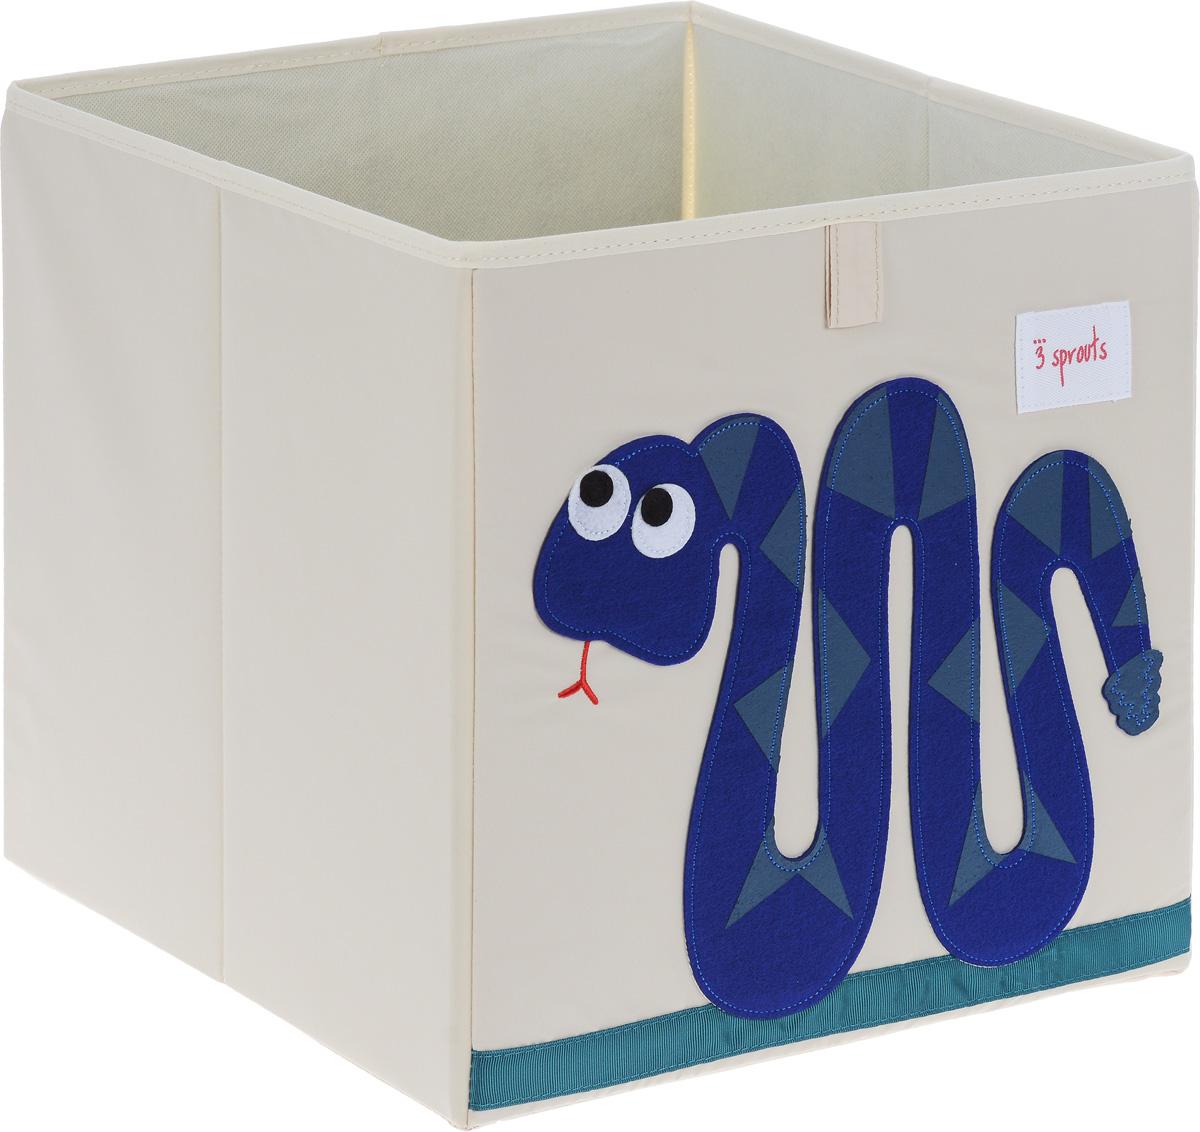 3 Sprouts Коробка для хранения Змейка00008Коробка для хранения 3 Sprouts Змейка - это отличный вариант организации пространства любой комнаты. Стороны коробки усилены с помощью картона, поэтому она всегда стоит ровно. Помещается практически во все стеллажи с квадратными отсеками и добавляет озорства любой комнате. Стоит ли коробка отдельно или на полке стеллажа, она обеспечит прекрасную организацию в вашем доме. Уход: снаружи - только выведение пятен.